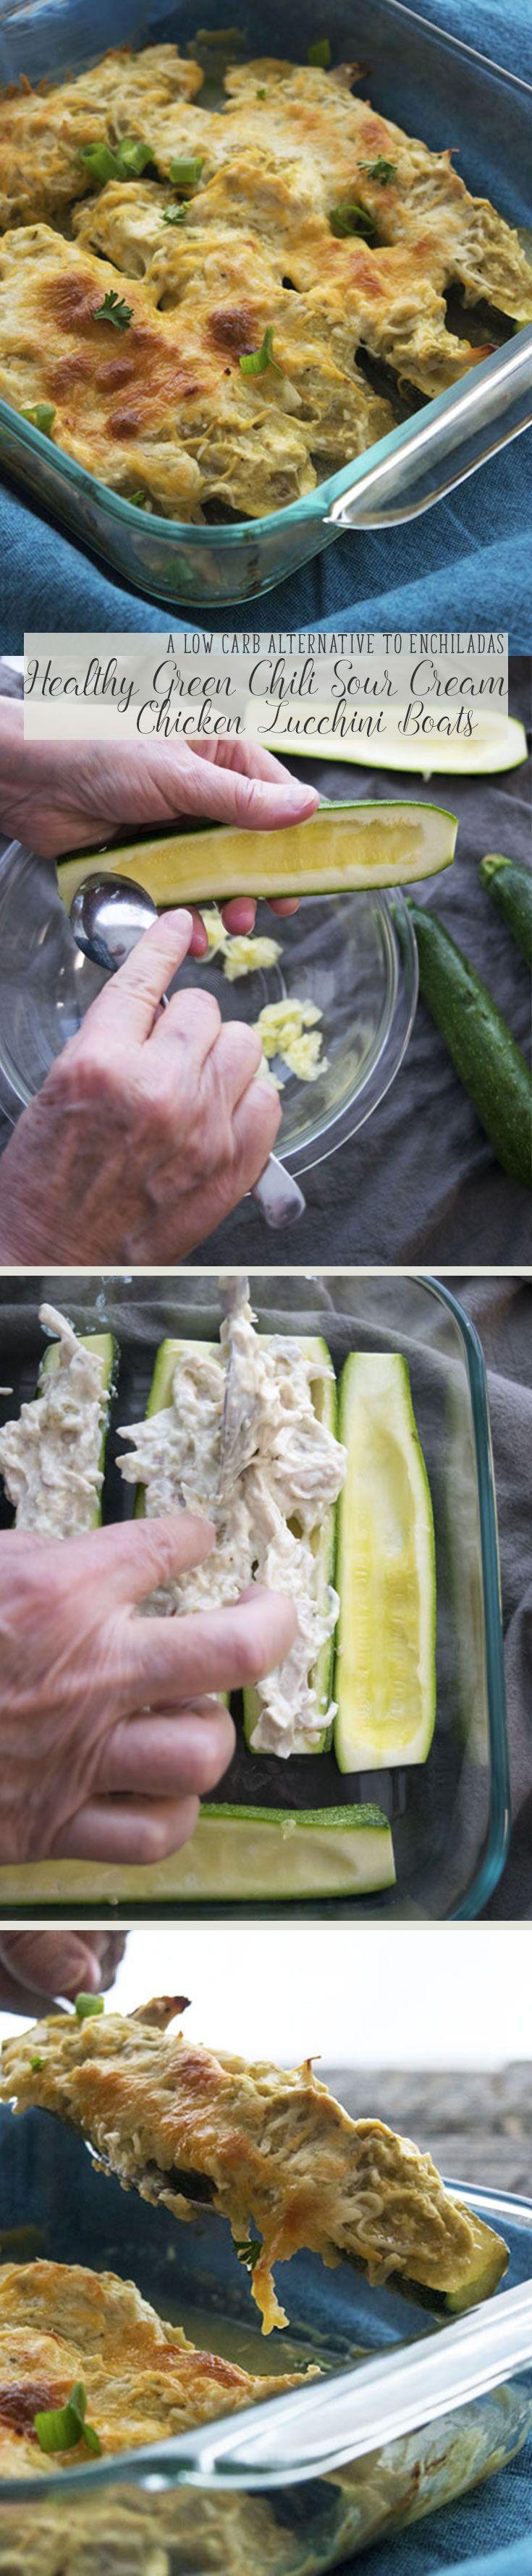 Blue apron zucchini enchilada - Healthy Green Chili Sour Cream Chicken Zucchini Boats